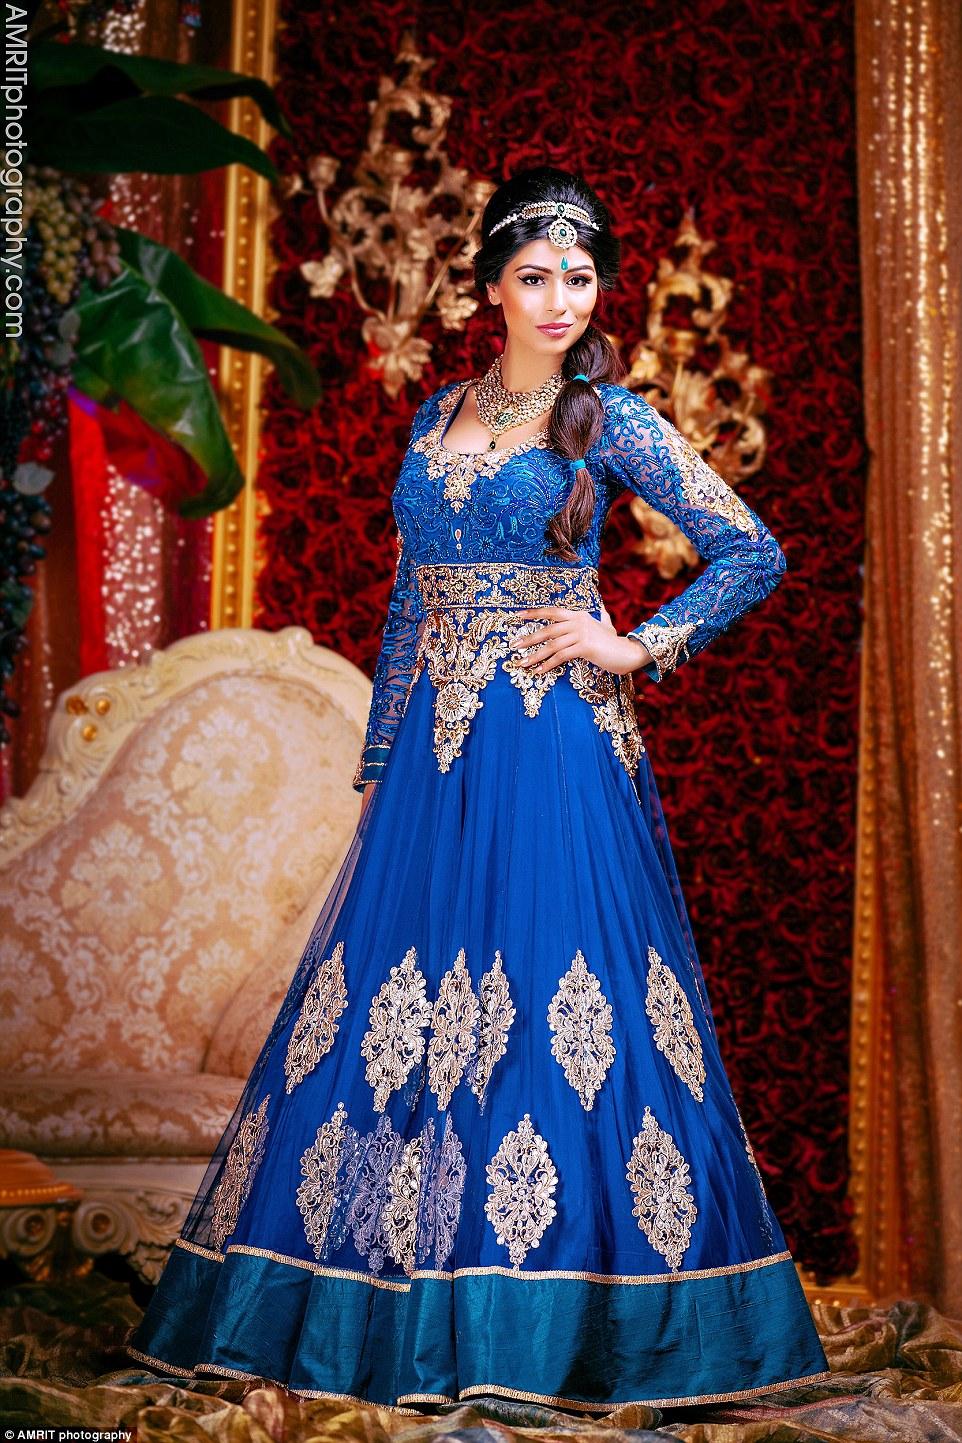 princesse indienne disney jasmine